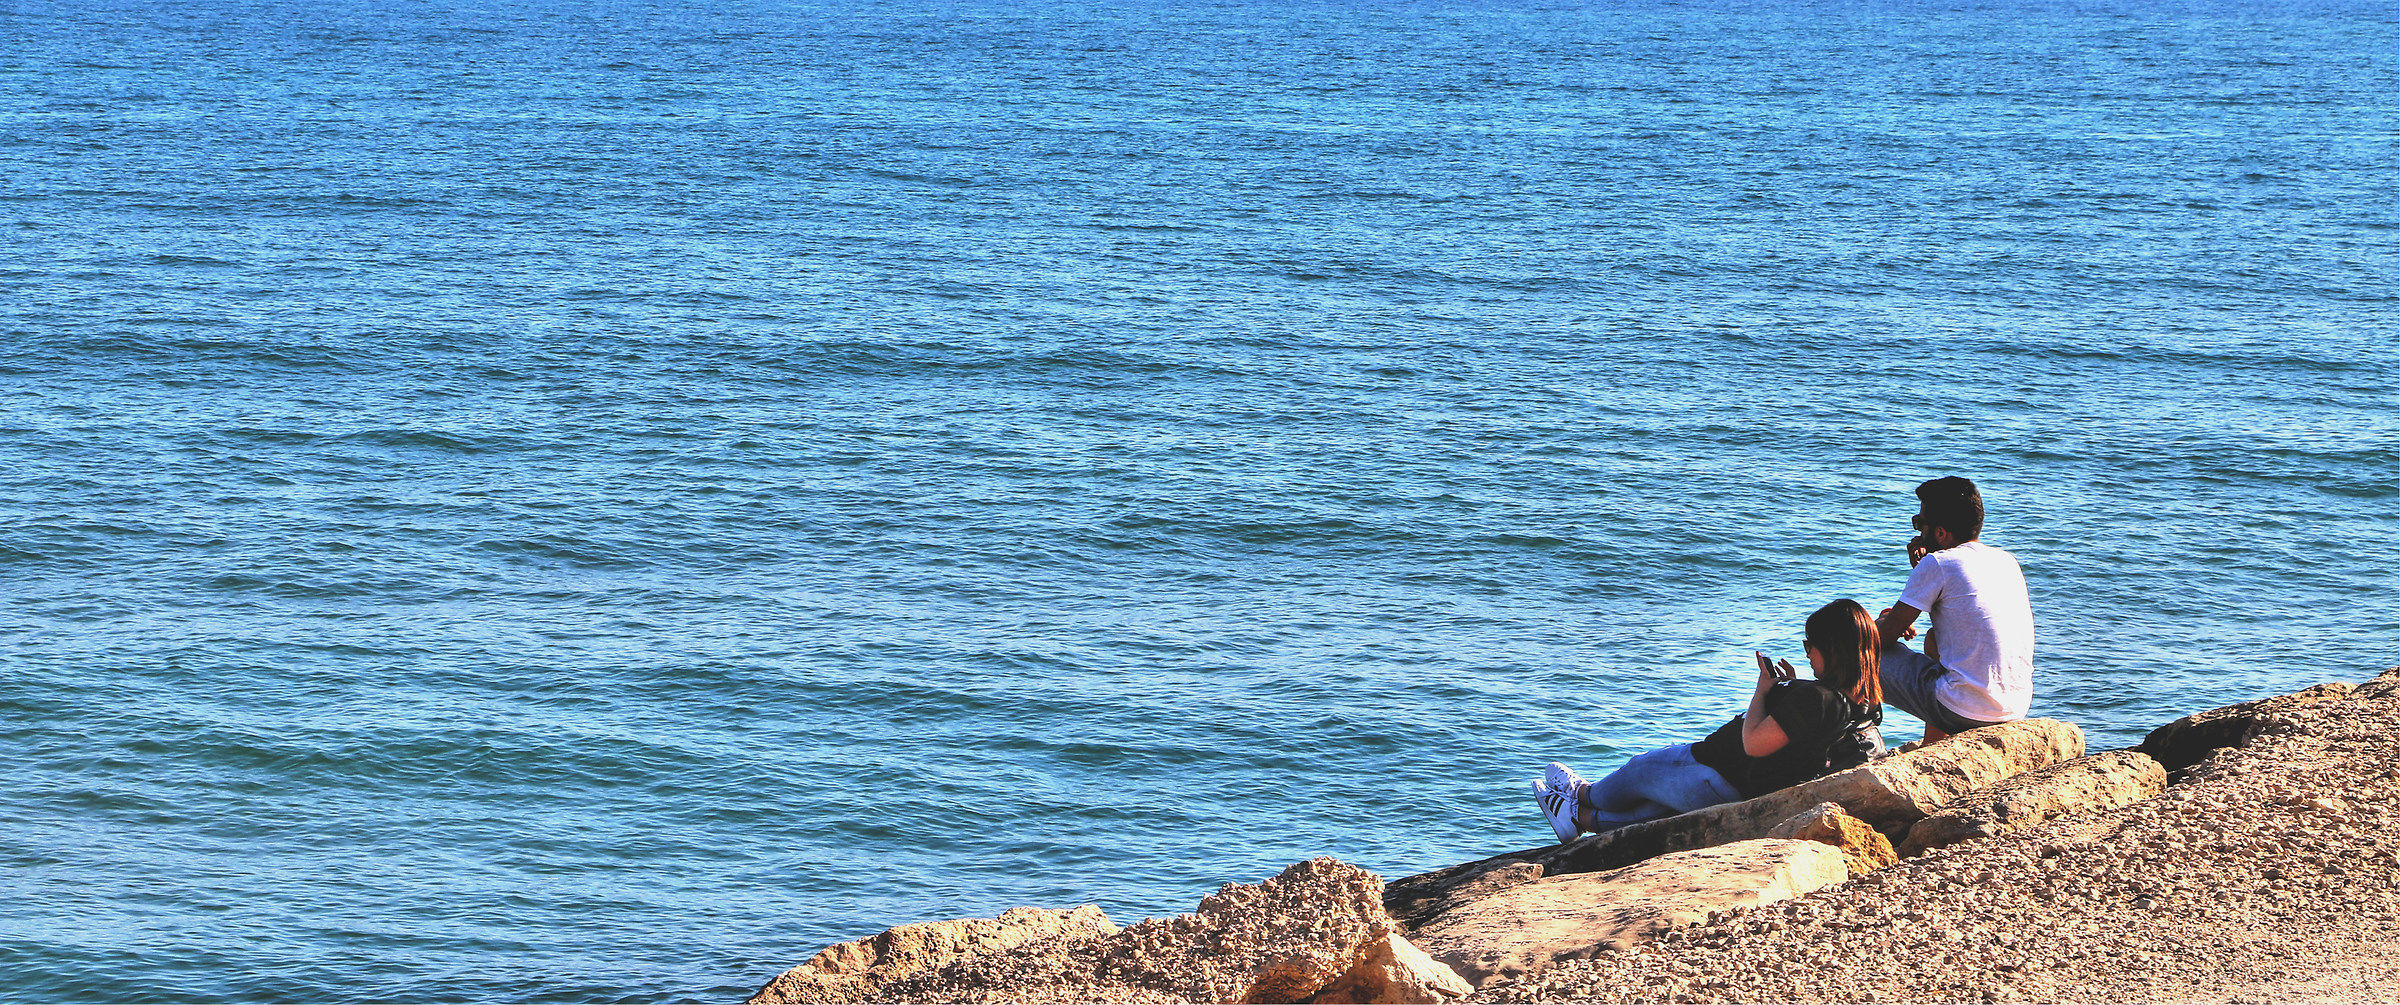 The sea, I, you and he ......